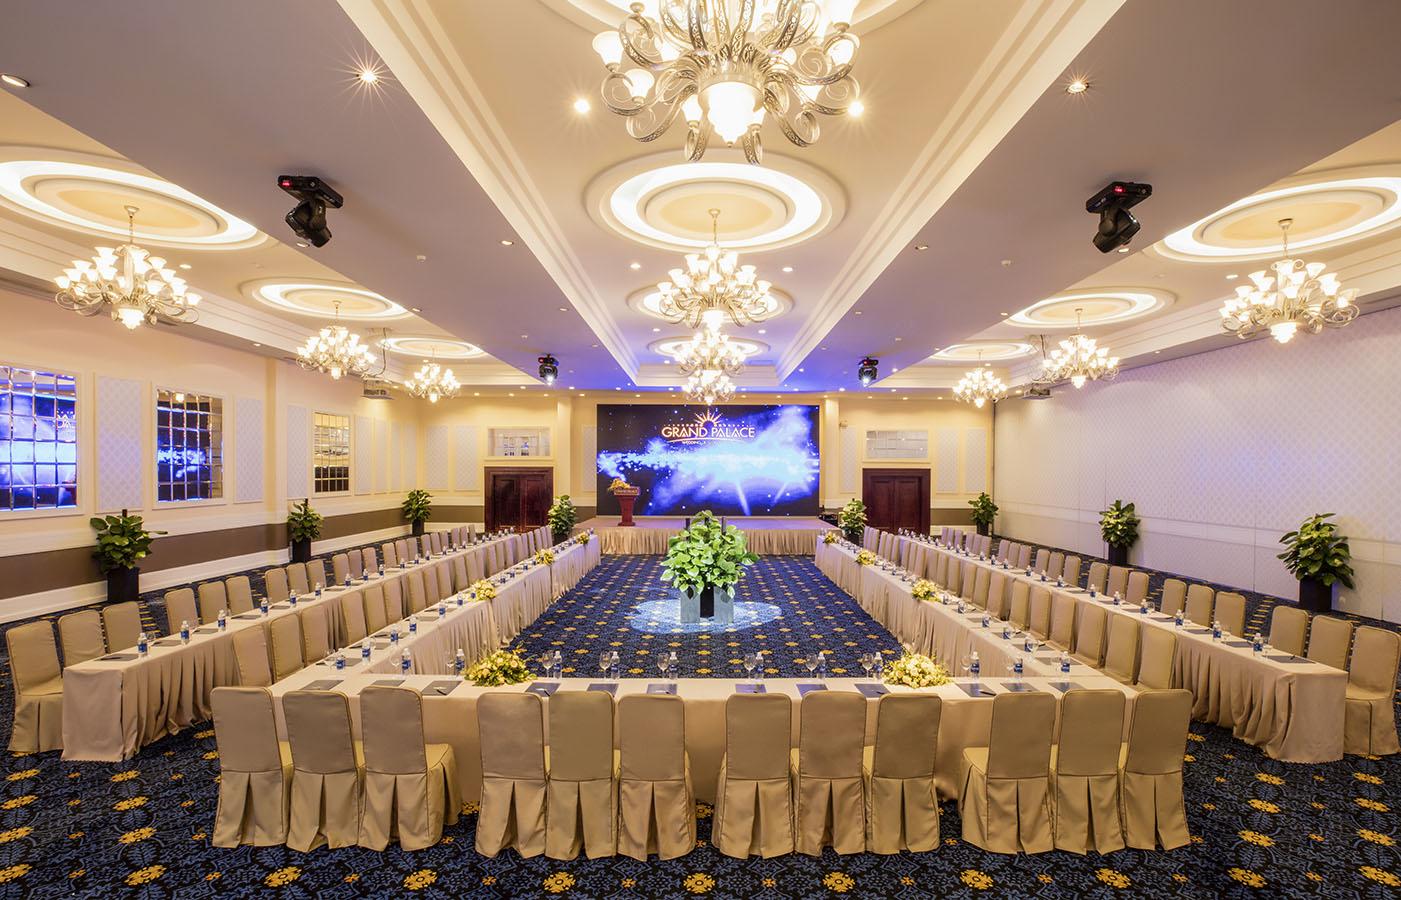 Sảnh tiệc nhà hàng tiệc cưới Grand Palace Cộng Hoà